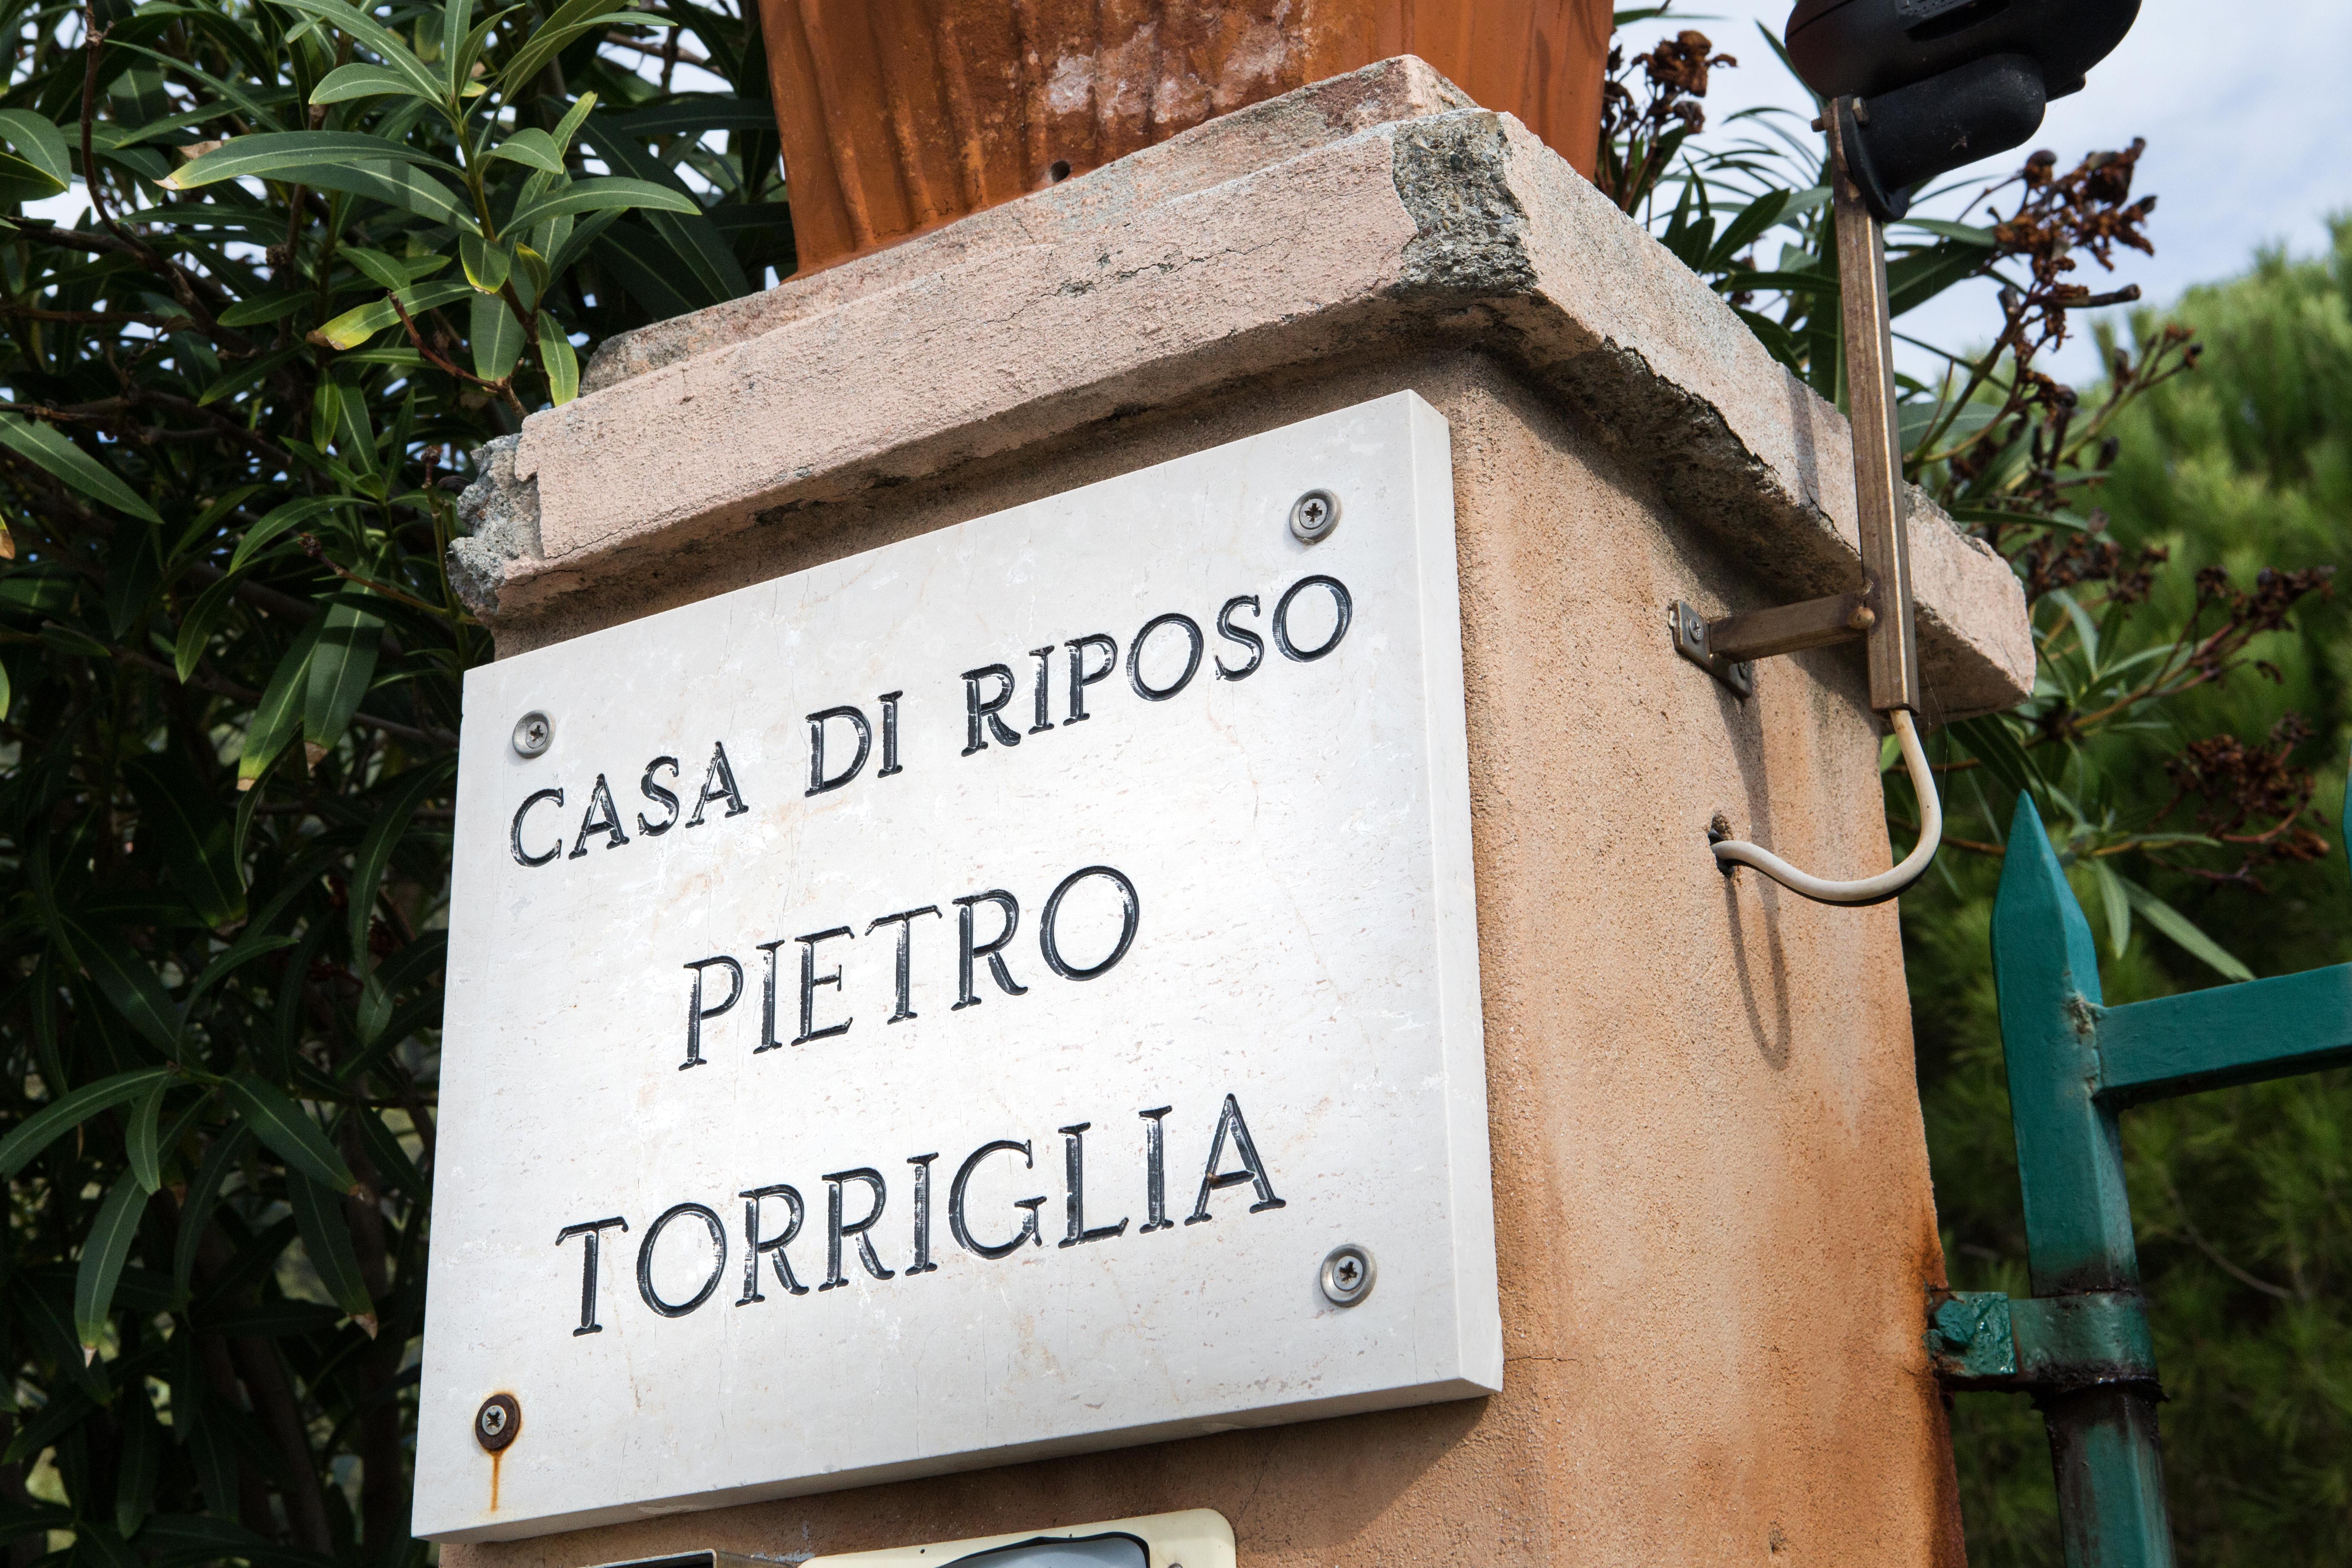 casa di riposo Torriglia - Insegna